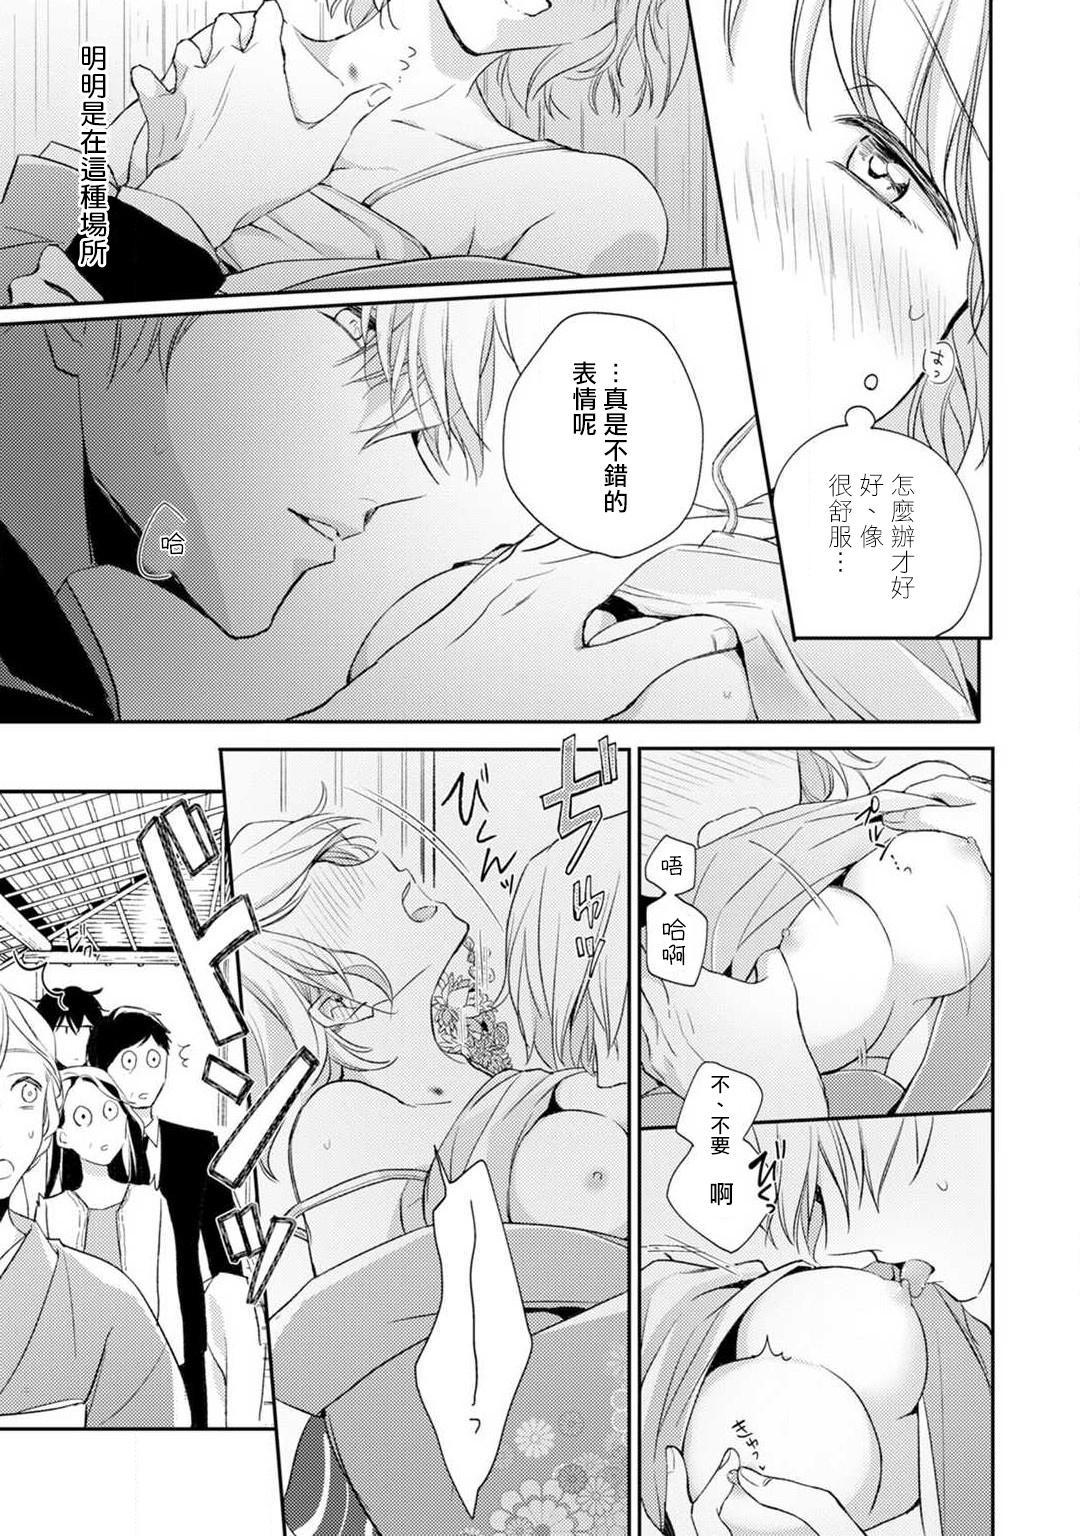 [Shichigatsu Motomi]  Sonna Kao shite, Sasotteru? ~Dekiai Shachou to Migawari Omiaikekkon!?~ 1-7 | 這種表情,在誘惑我嗎?~溺愛社長和替身相親結婚!? act.1 [Chinese] [拾荒者汉化组] 19